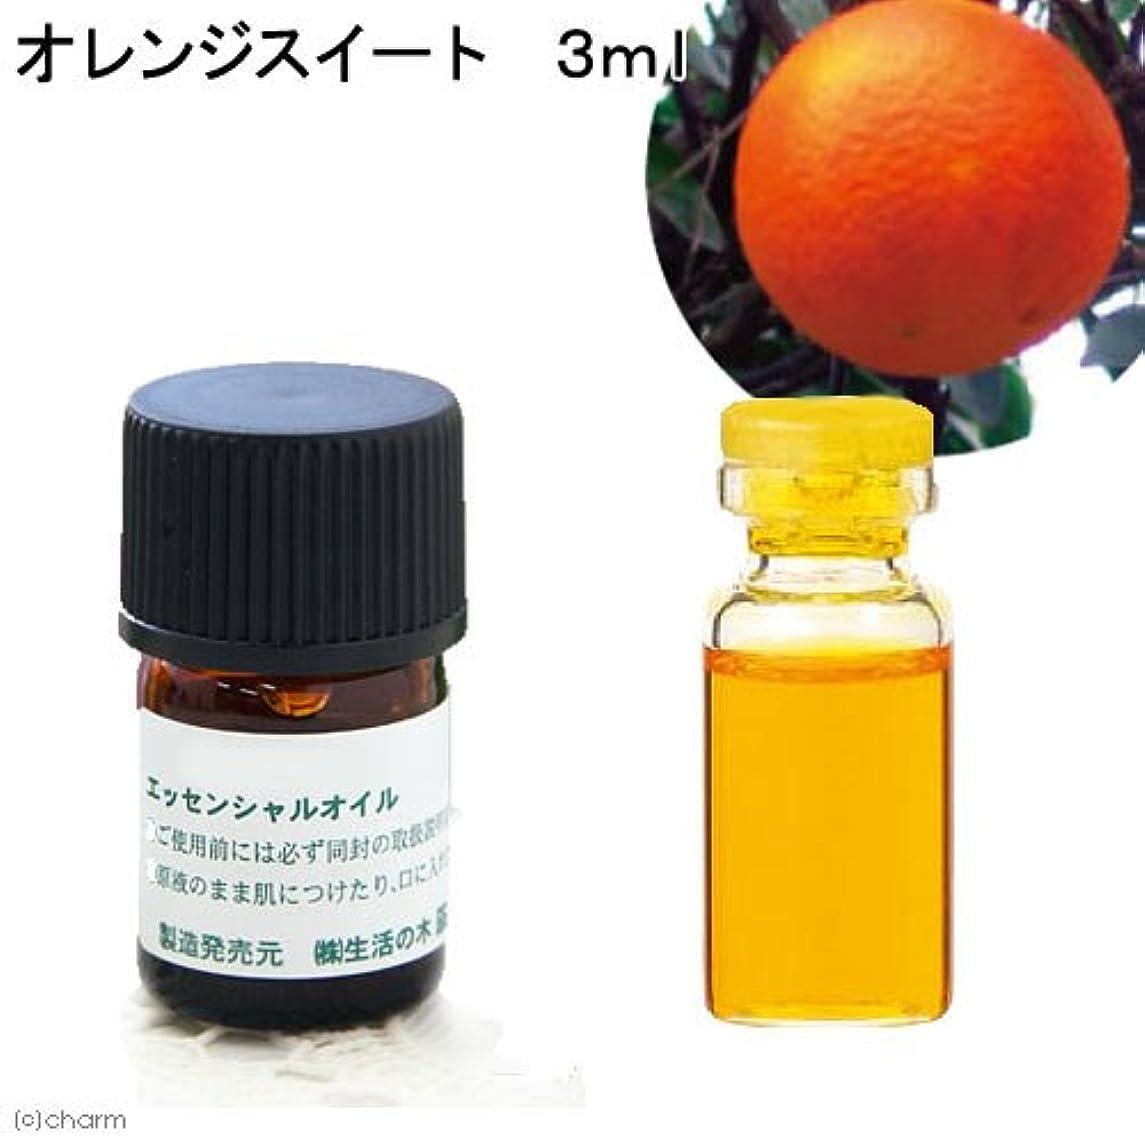 驚後ろにテーマ生活の木 オレンジスイート 3ml